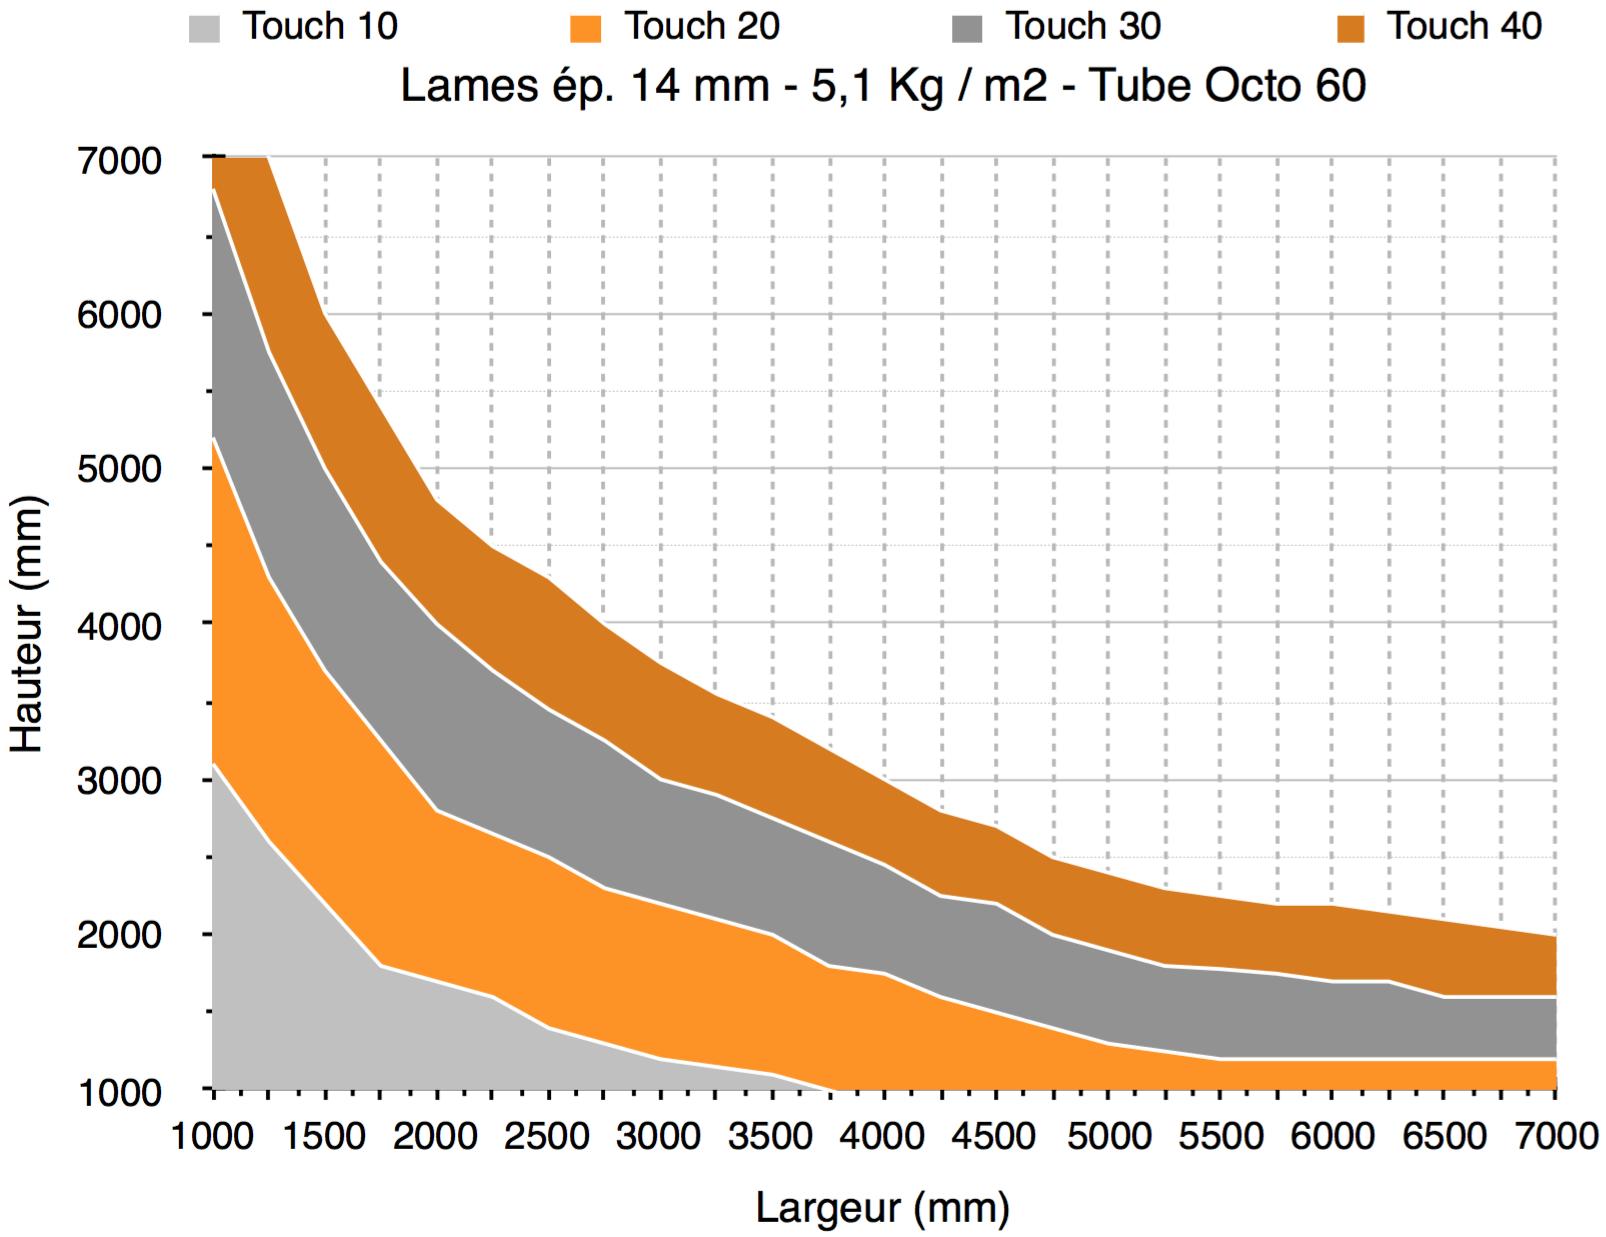 Tableau de choix des moteurs de volet roulant TOUTPOURLESVOLETS.COM pour une lame d'épaisseur 14 mm